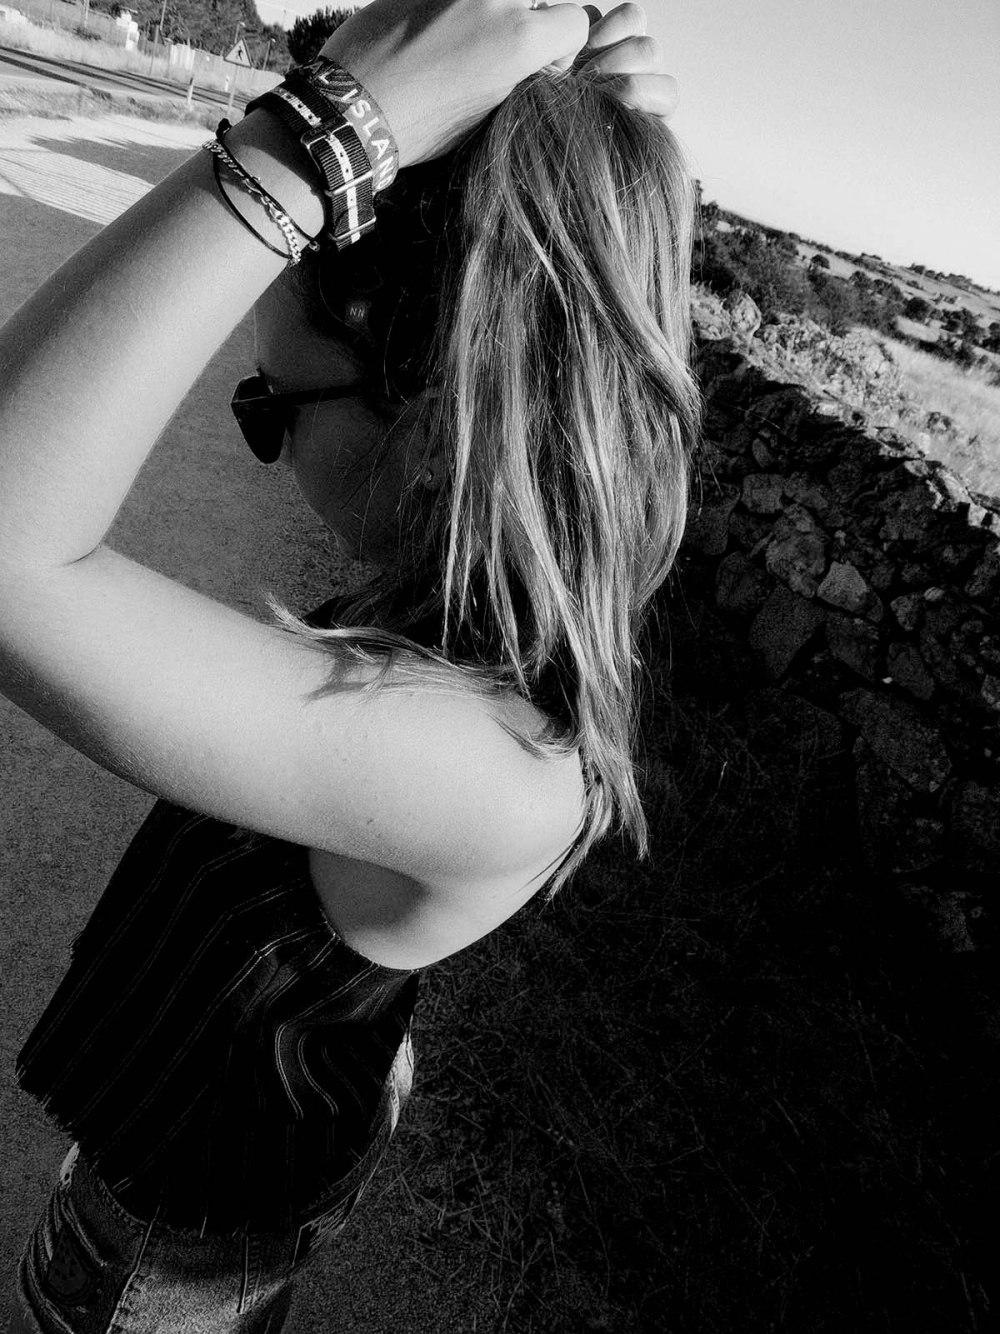 BlacK&WhitePhotos1